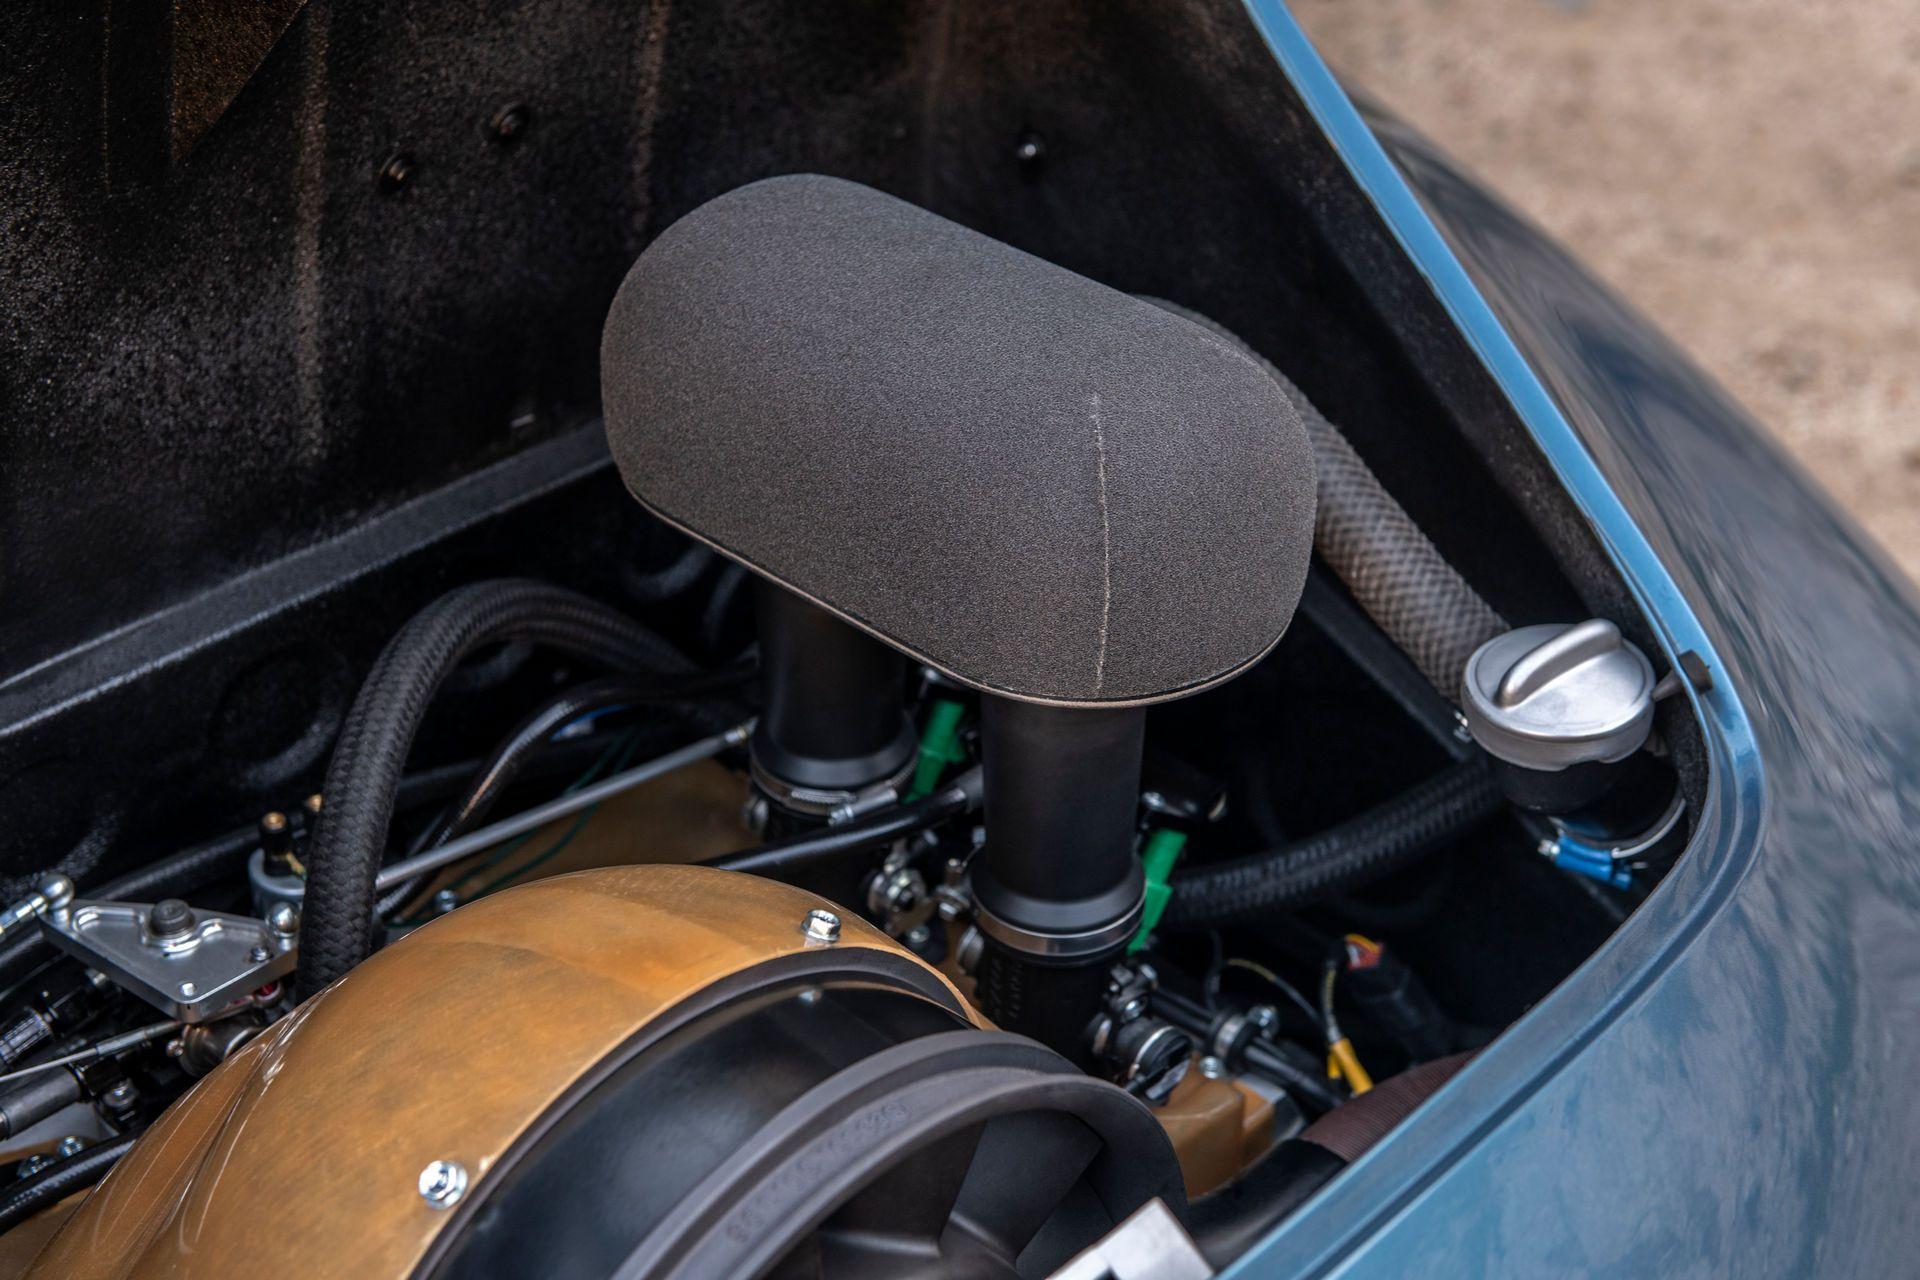 Porsche-356-A-Coupe-Restomod-Emory-Motorsports-59